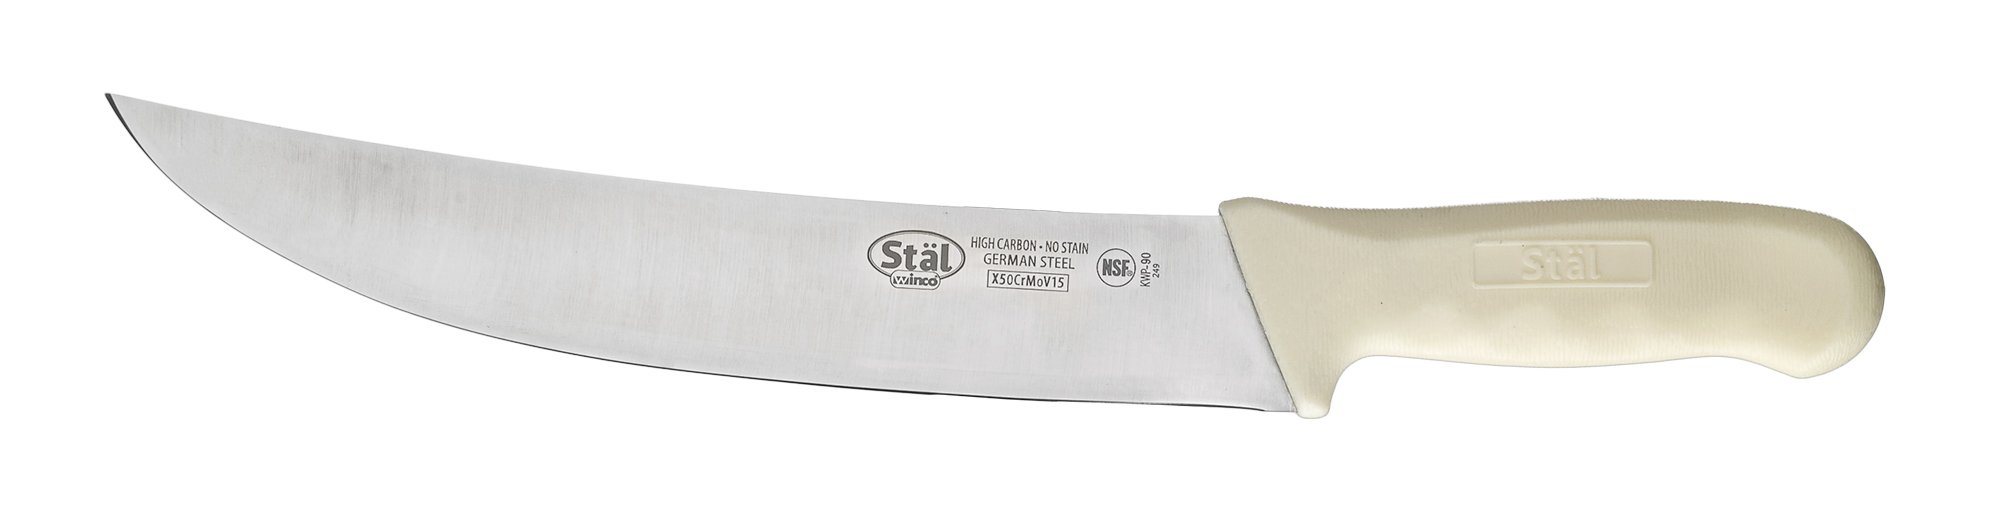 9-1/2 Cimeter Knife, White PP Hdl